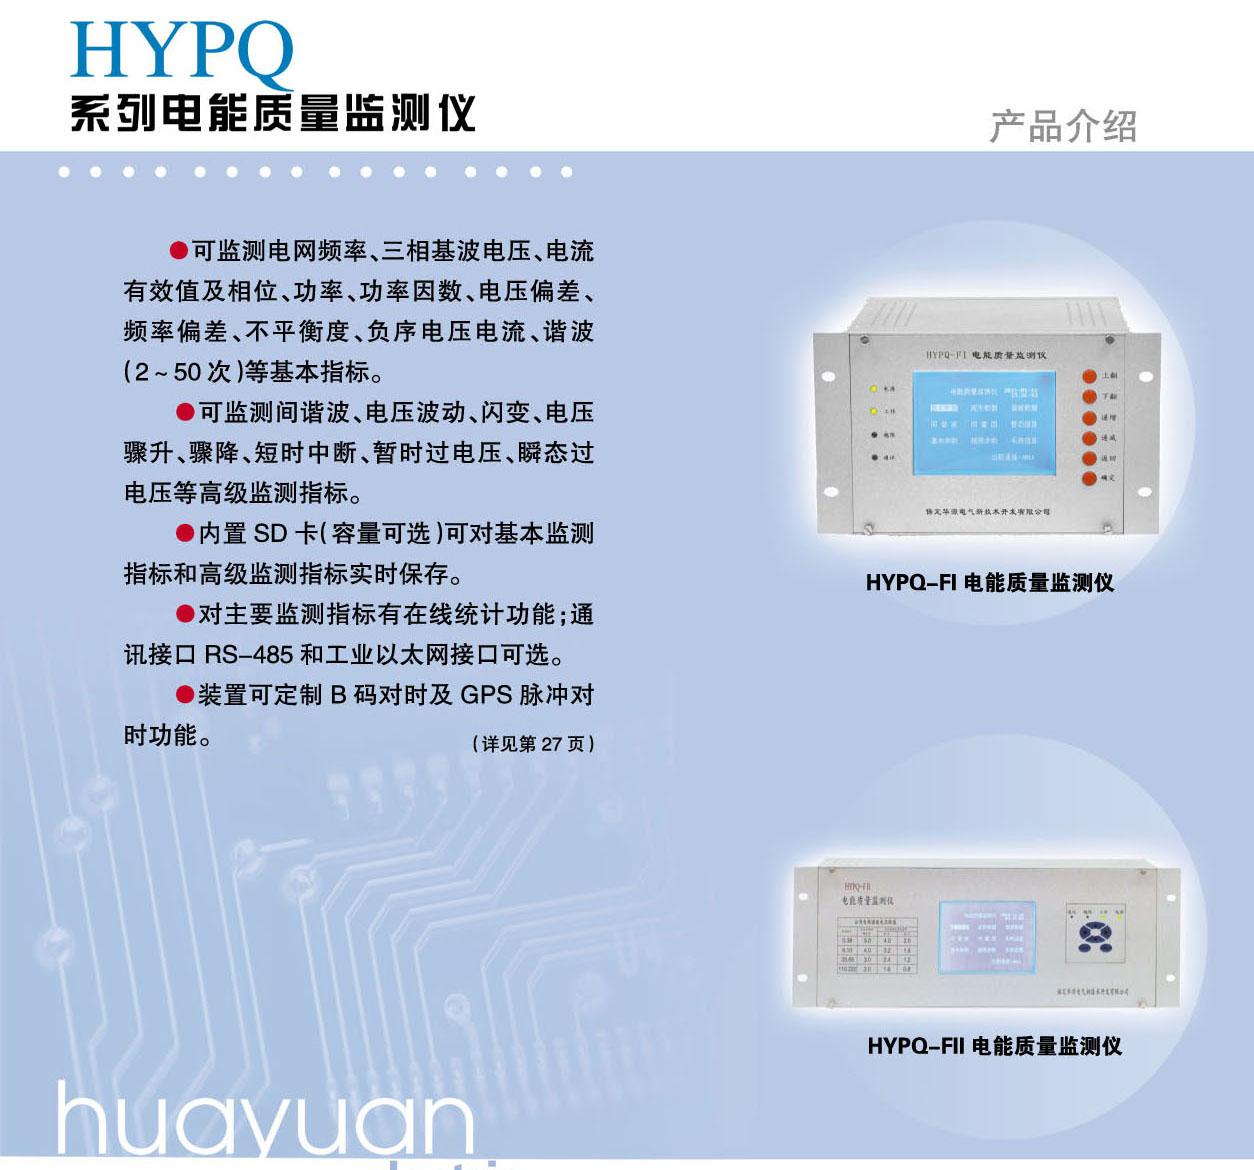 HYPQ系列电能质量监测装置